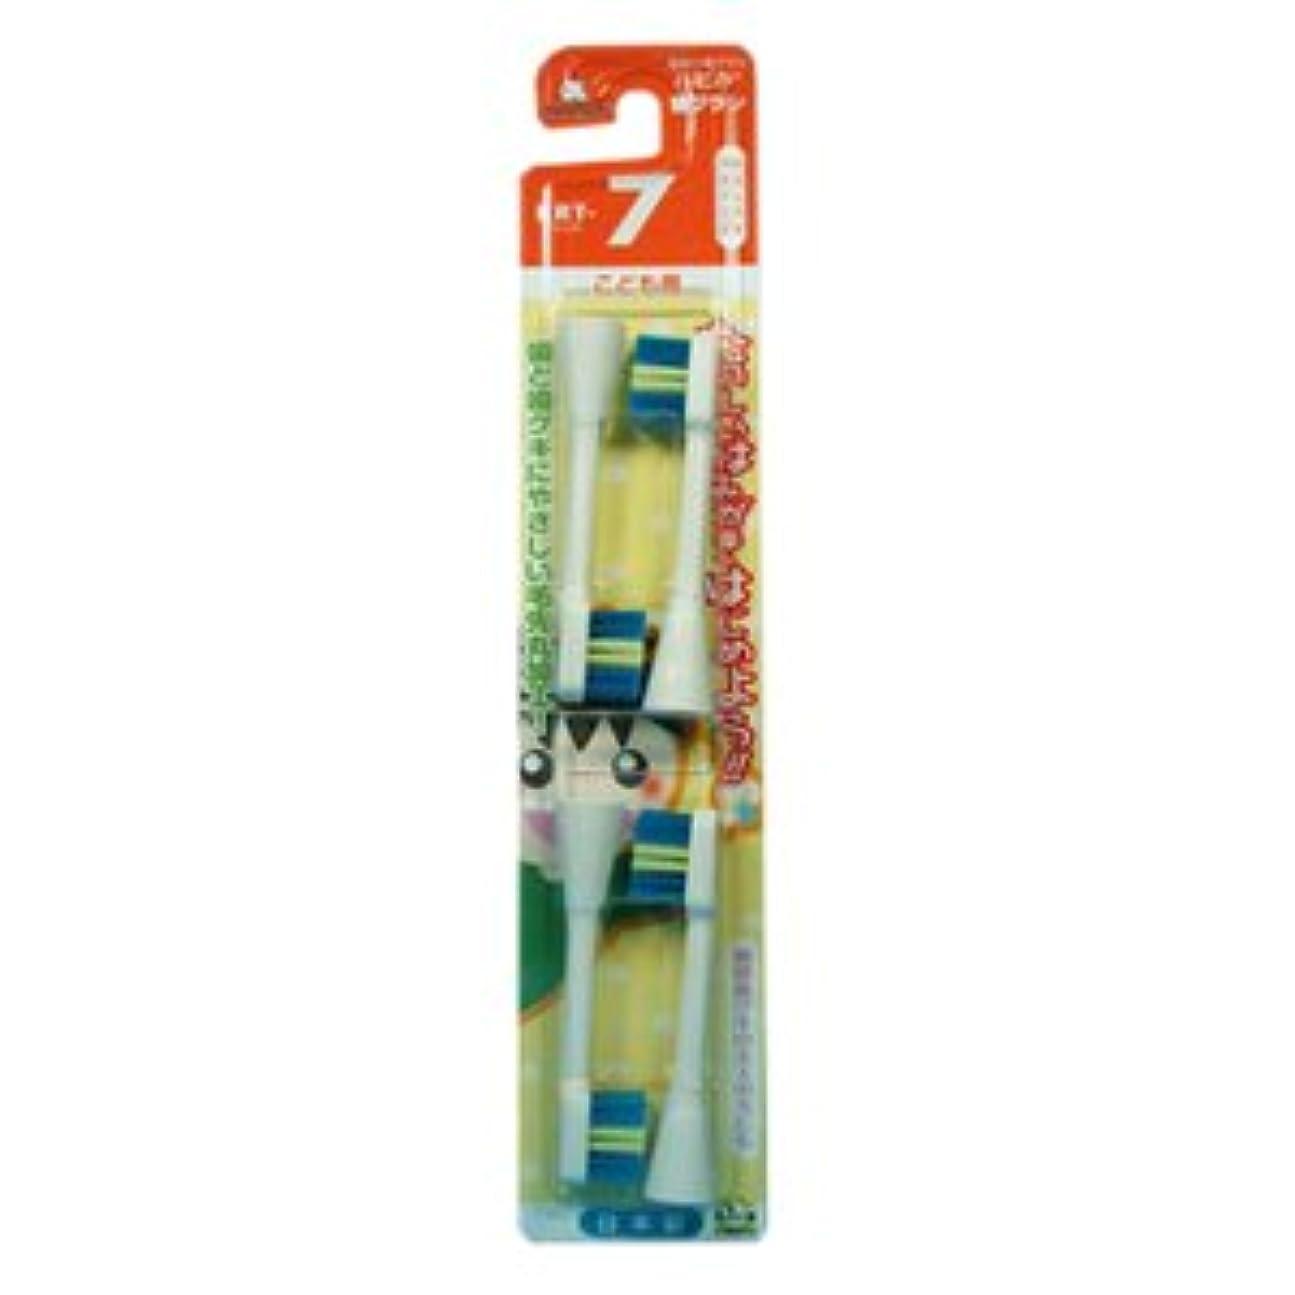 びっくりした居住者ラメミニマム 電動付歯ブラシ ハピカ 専用替ブラシ こども用 毛の硬さ:やわらかめ BRT-7 4個入